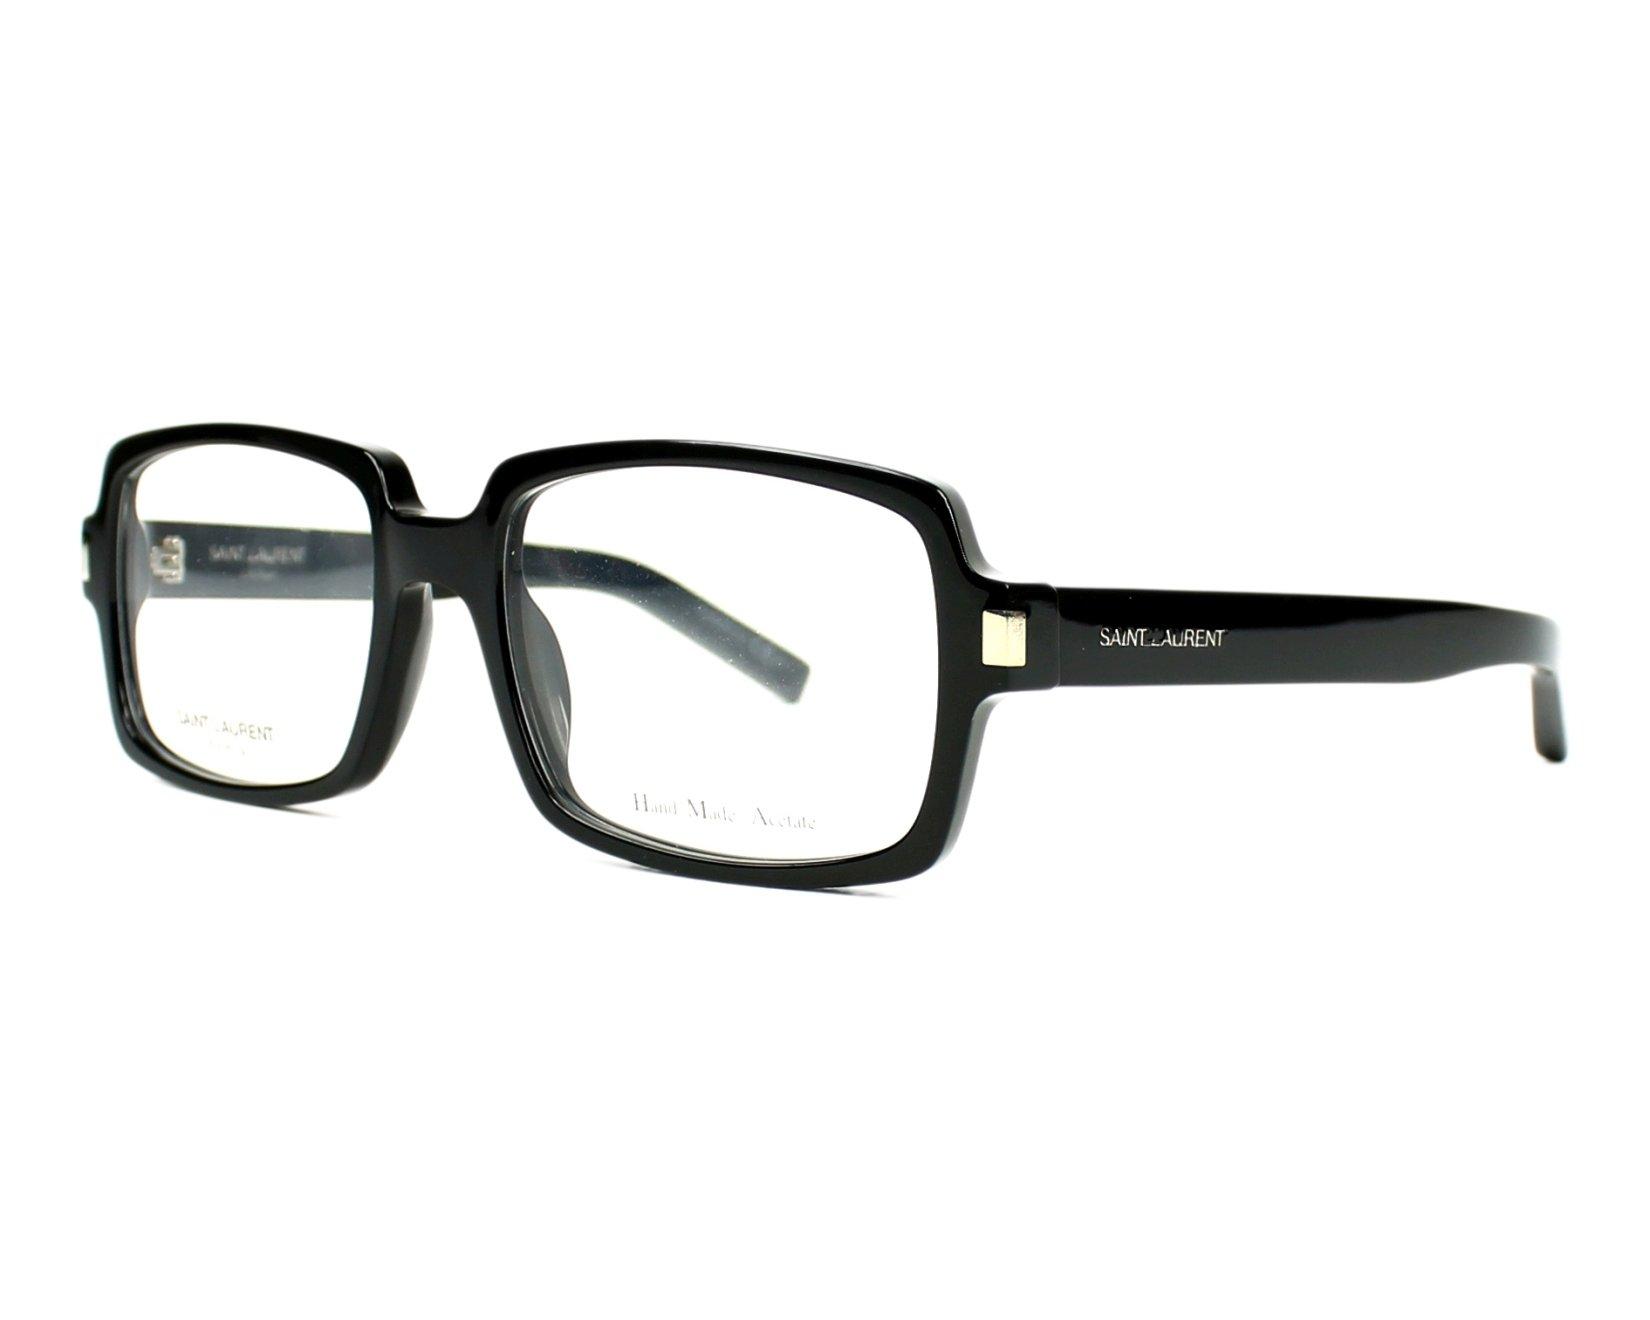 lunettes de vue yves saint laurent sl 66 807 pas cher opticiens fran ais visionet. Black Bedroom Furniture Sets. Home Design Ideas